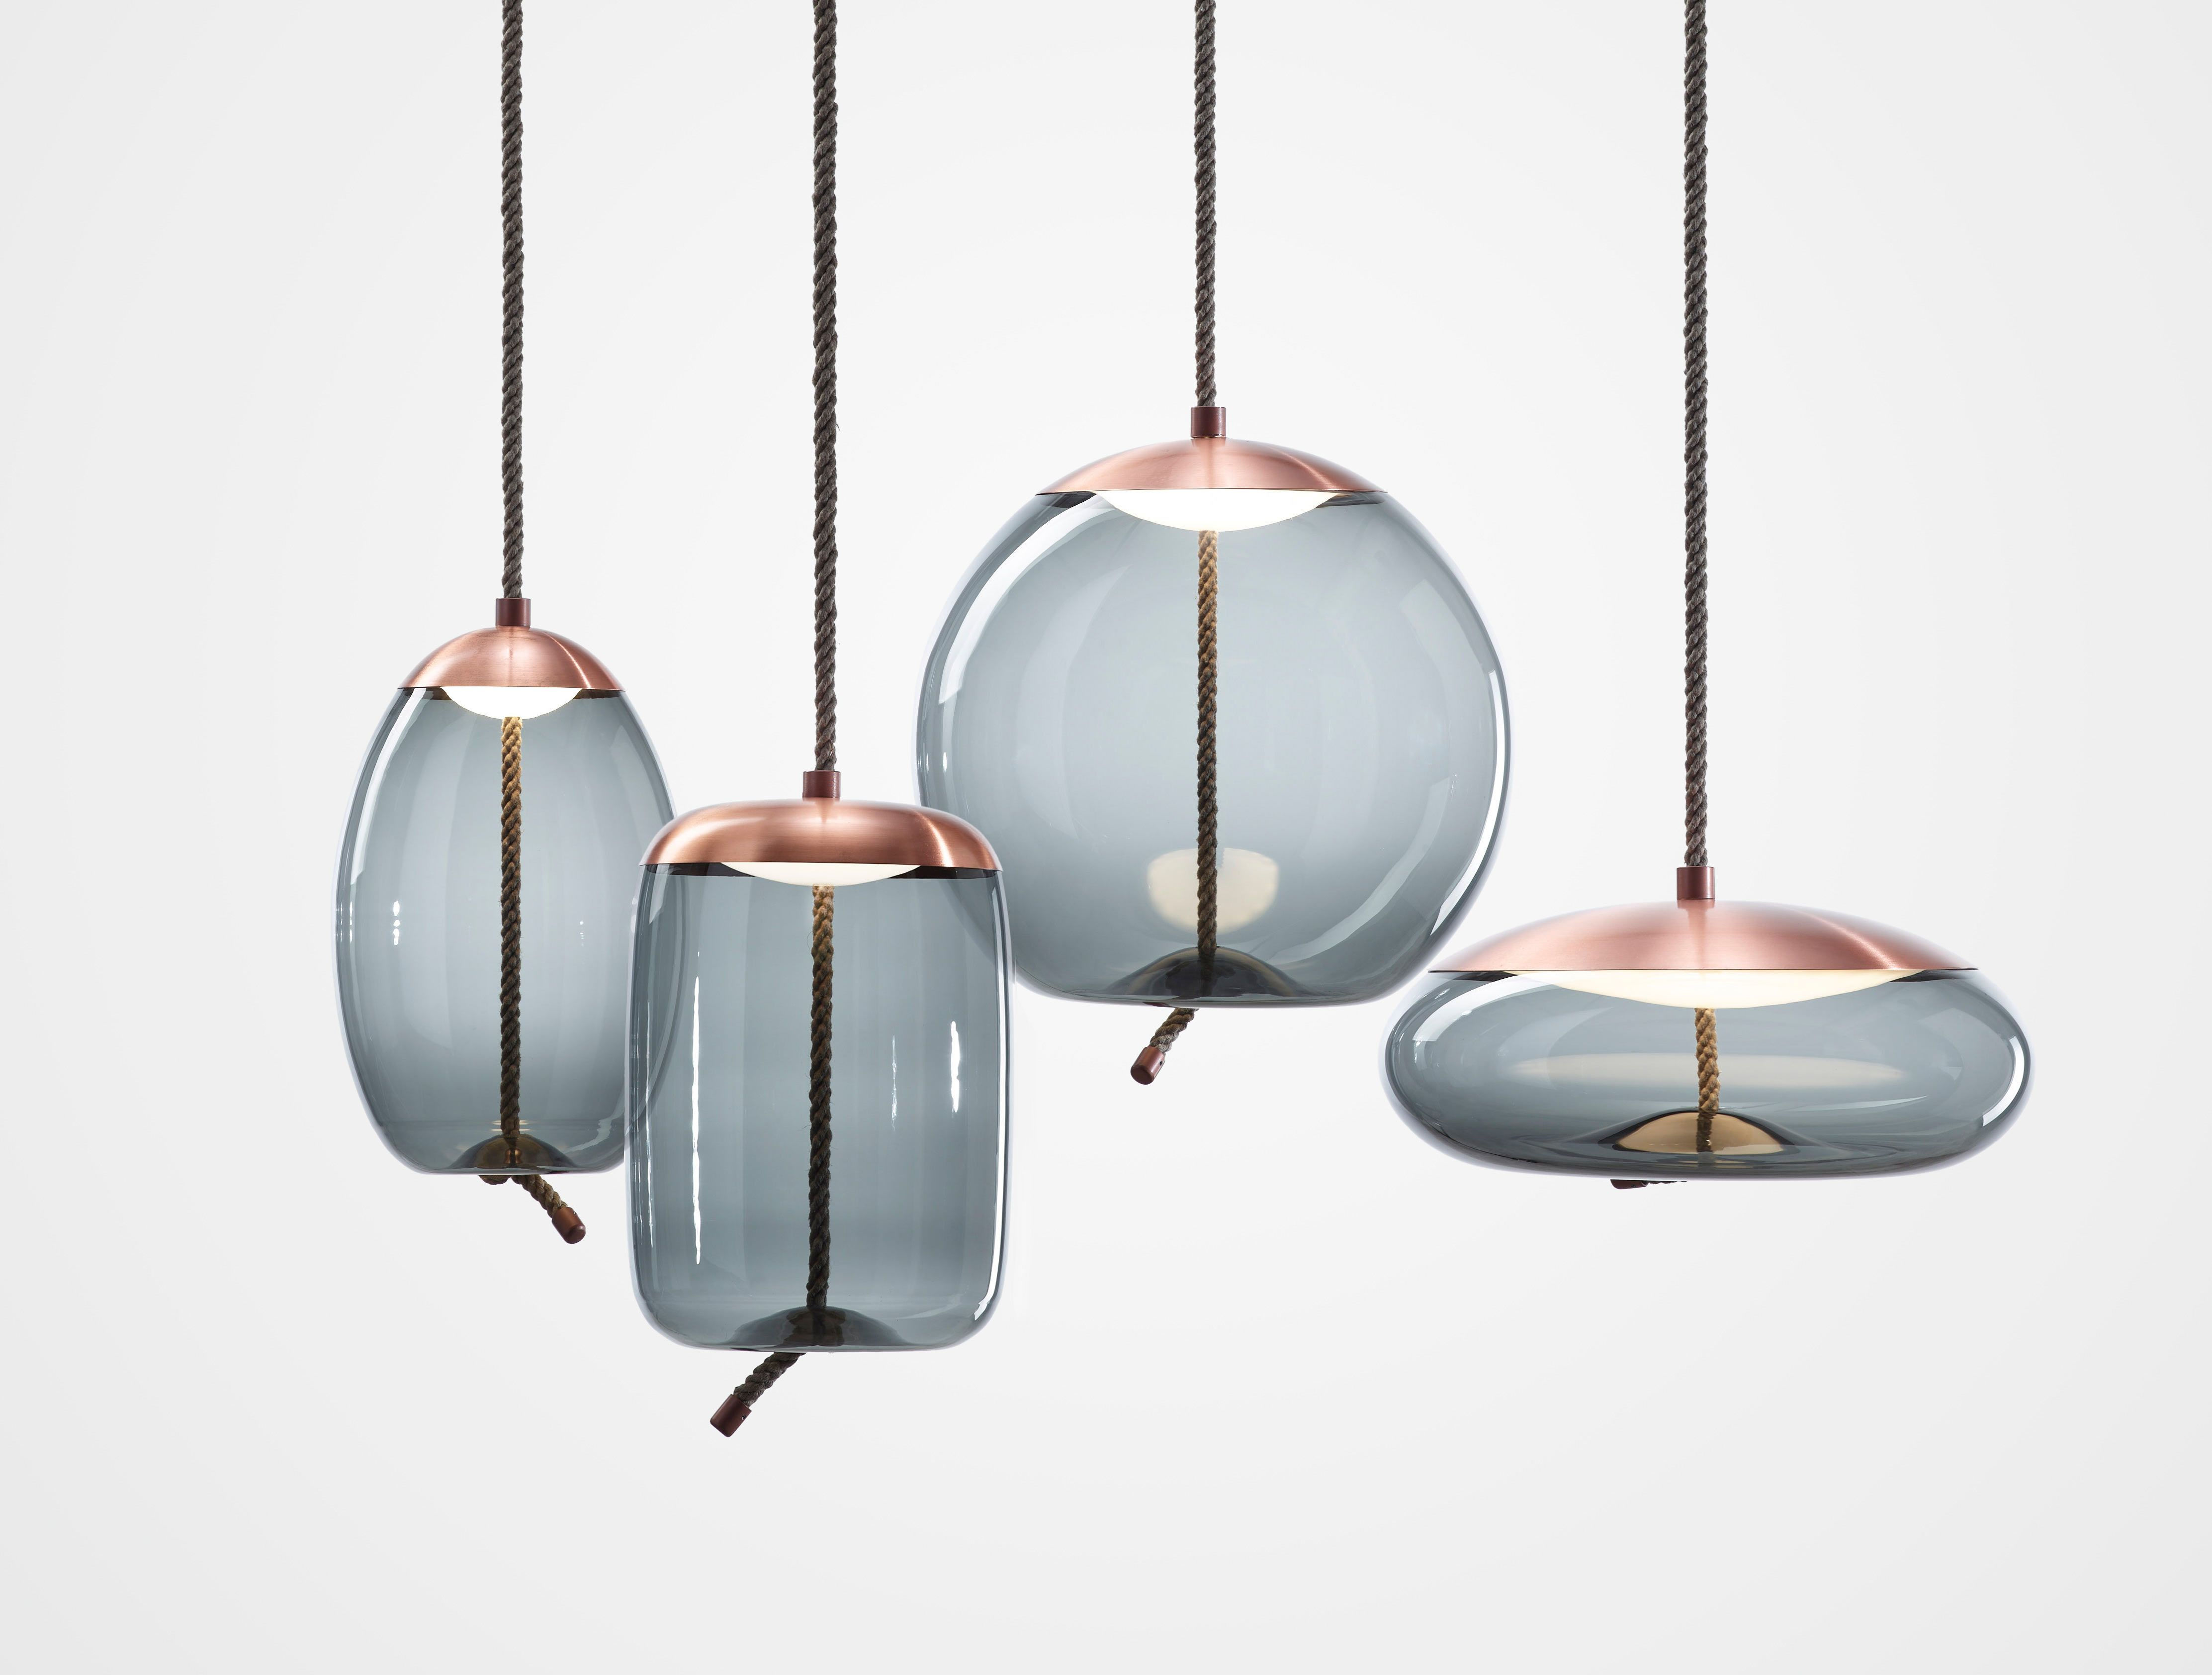 Günstige Wohnzimmerlampen ~ Brokis lights interior design. knot by chiaramonte marin